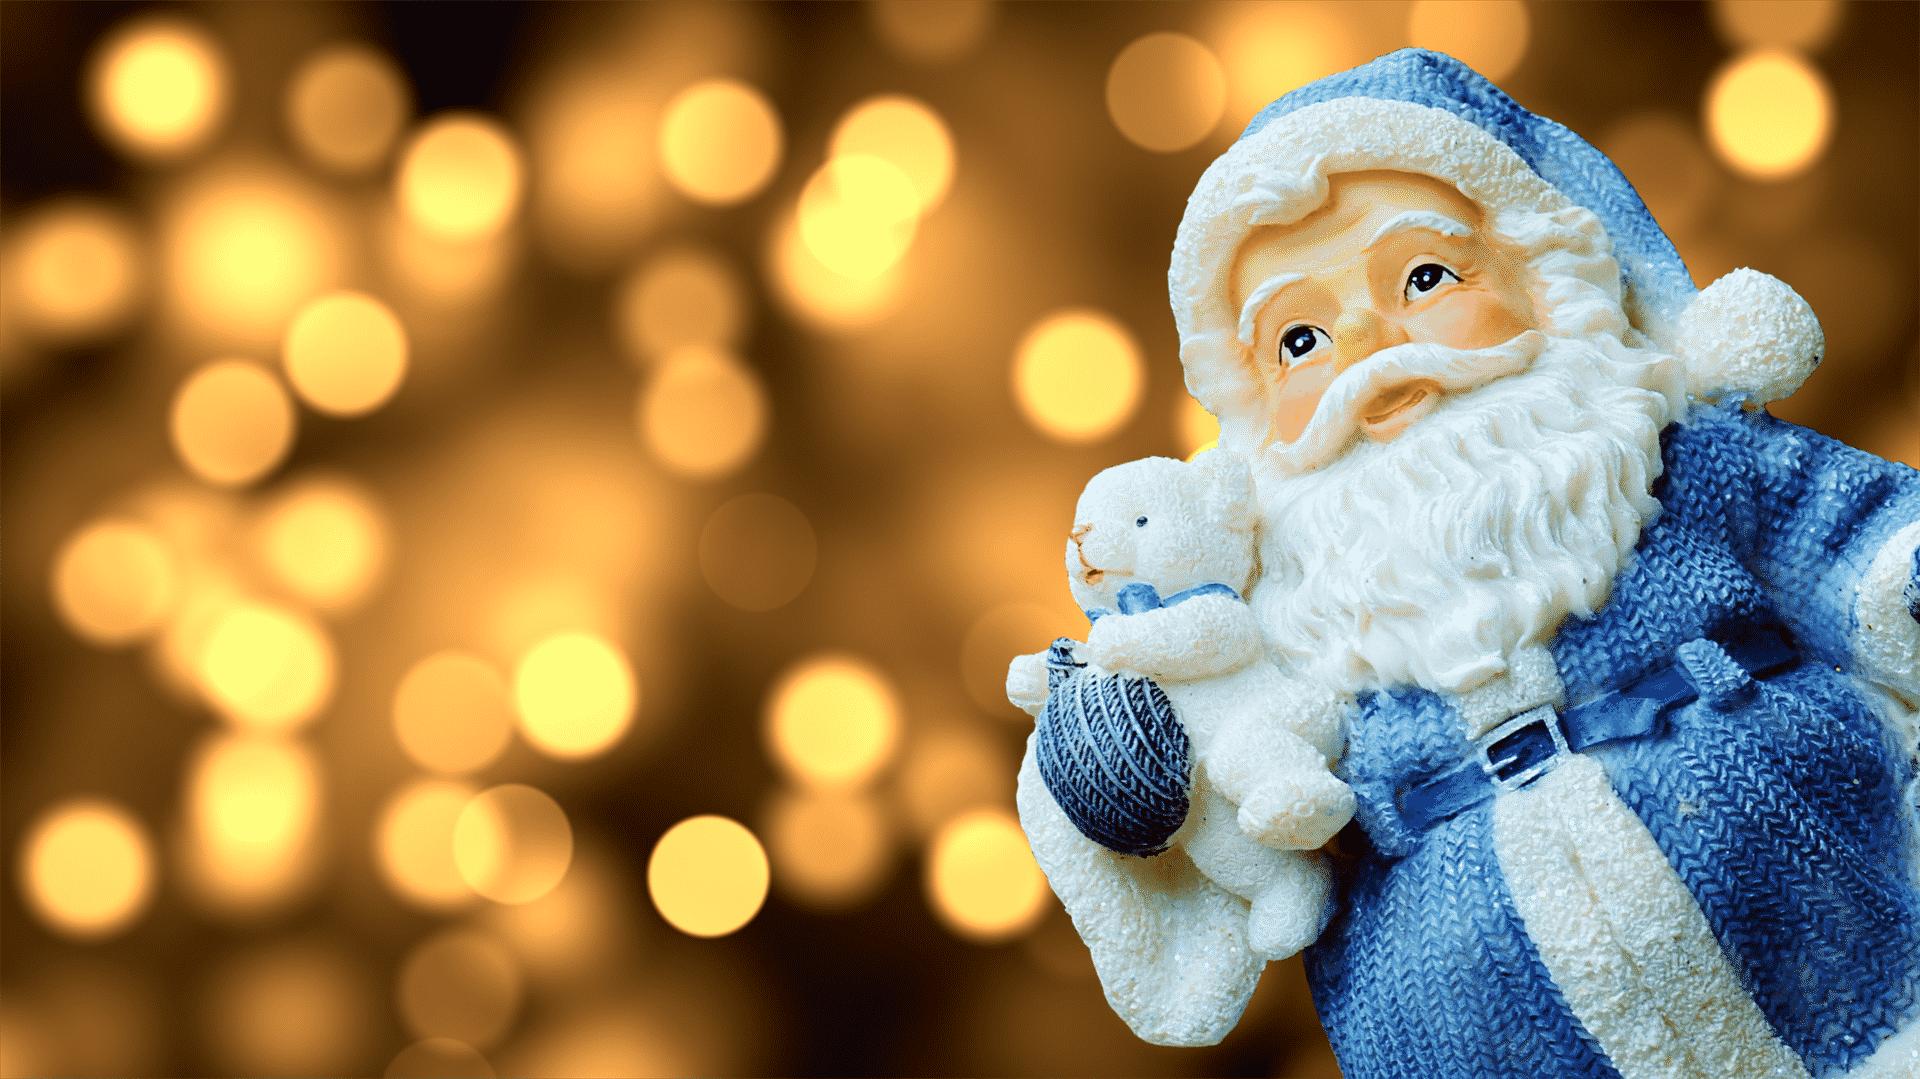 Άδειες στρατιωτικών: Τι θα γίνει με τα γκρουπ Χριστούγεννα - Πρωτοχρονιά